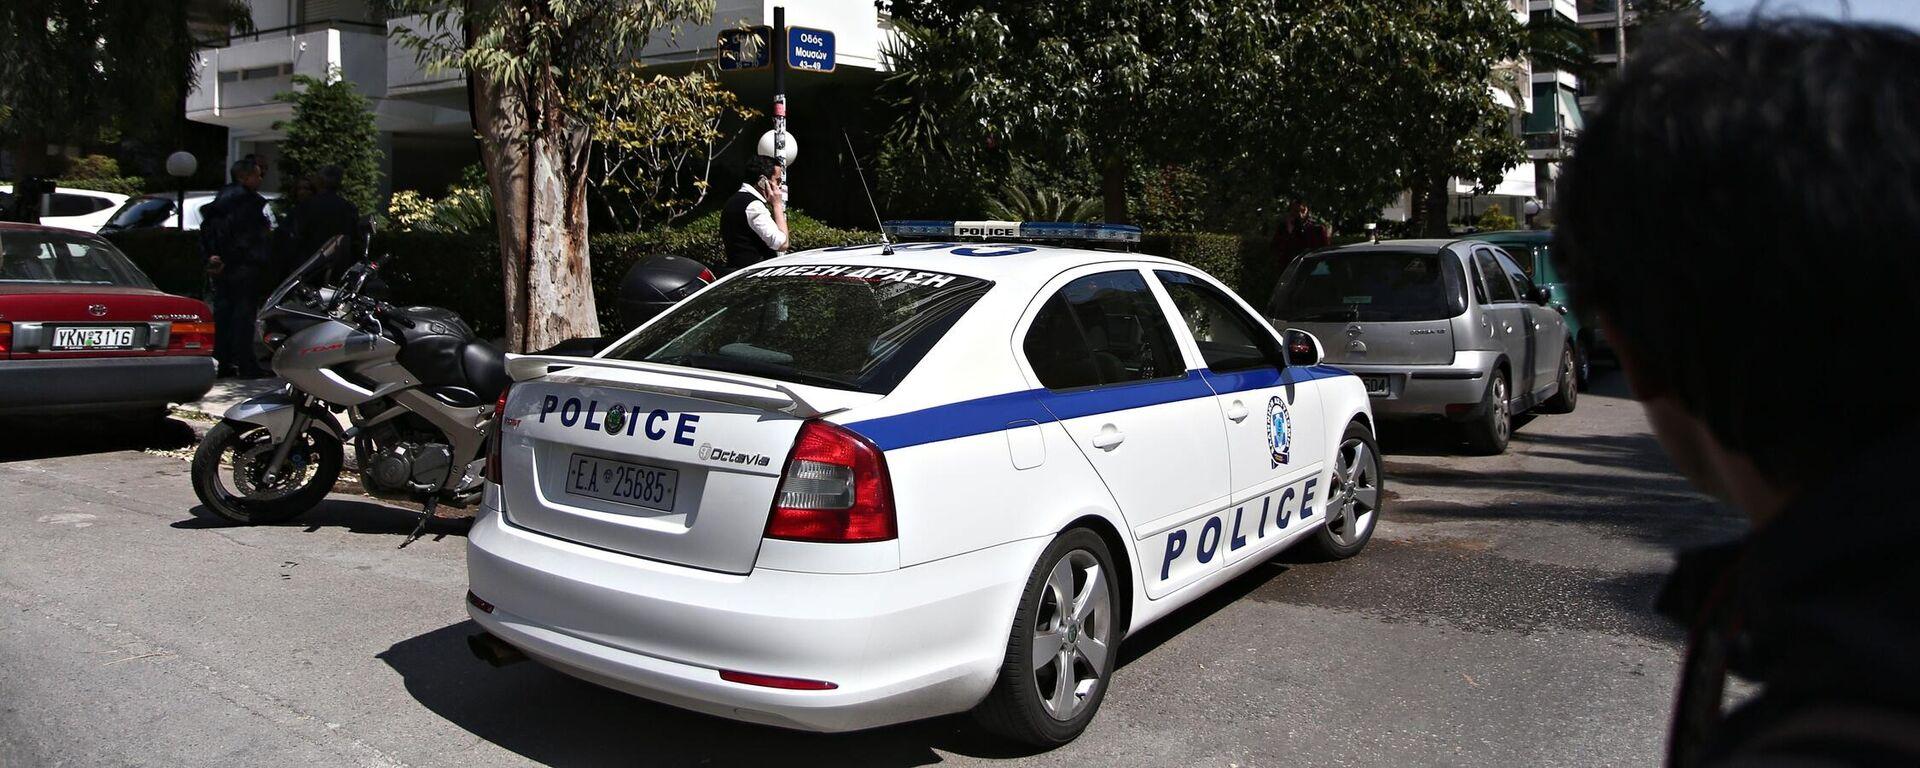 Περιπολικό της αστυνομίας - Sputnik Ελλάδα, 1920, 06.10.2021